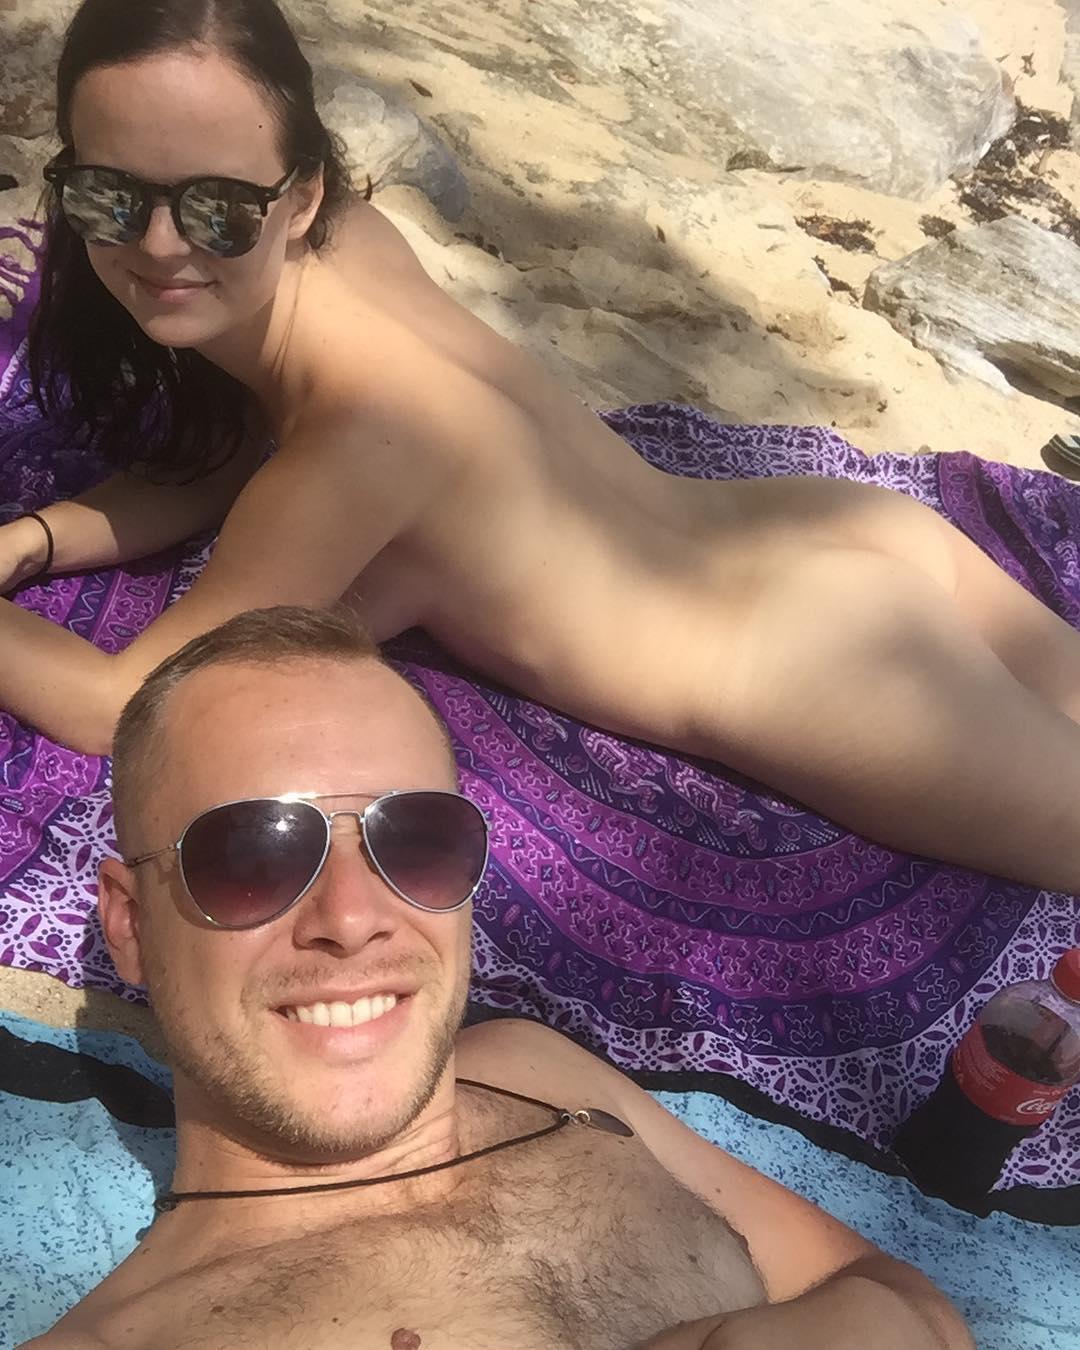 Пара выгладывает в Instagram свои голые фото, чтобы сделать мир прозрачнее